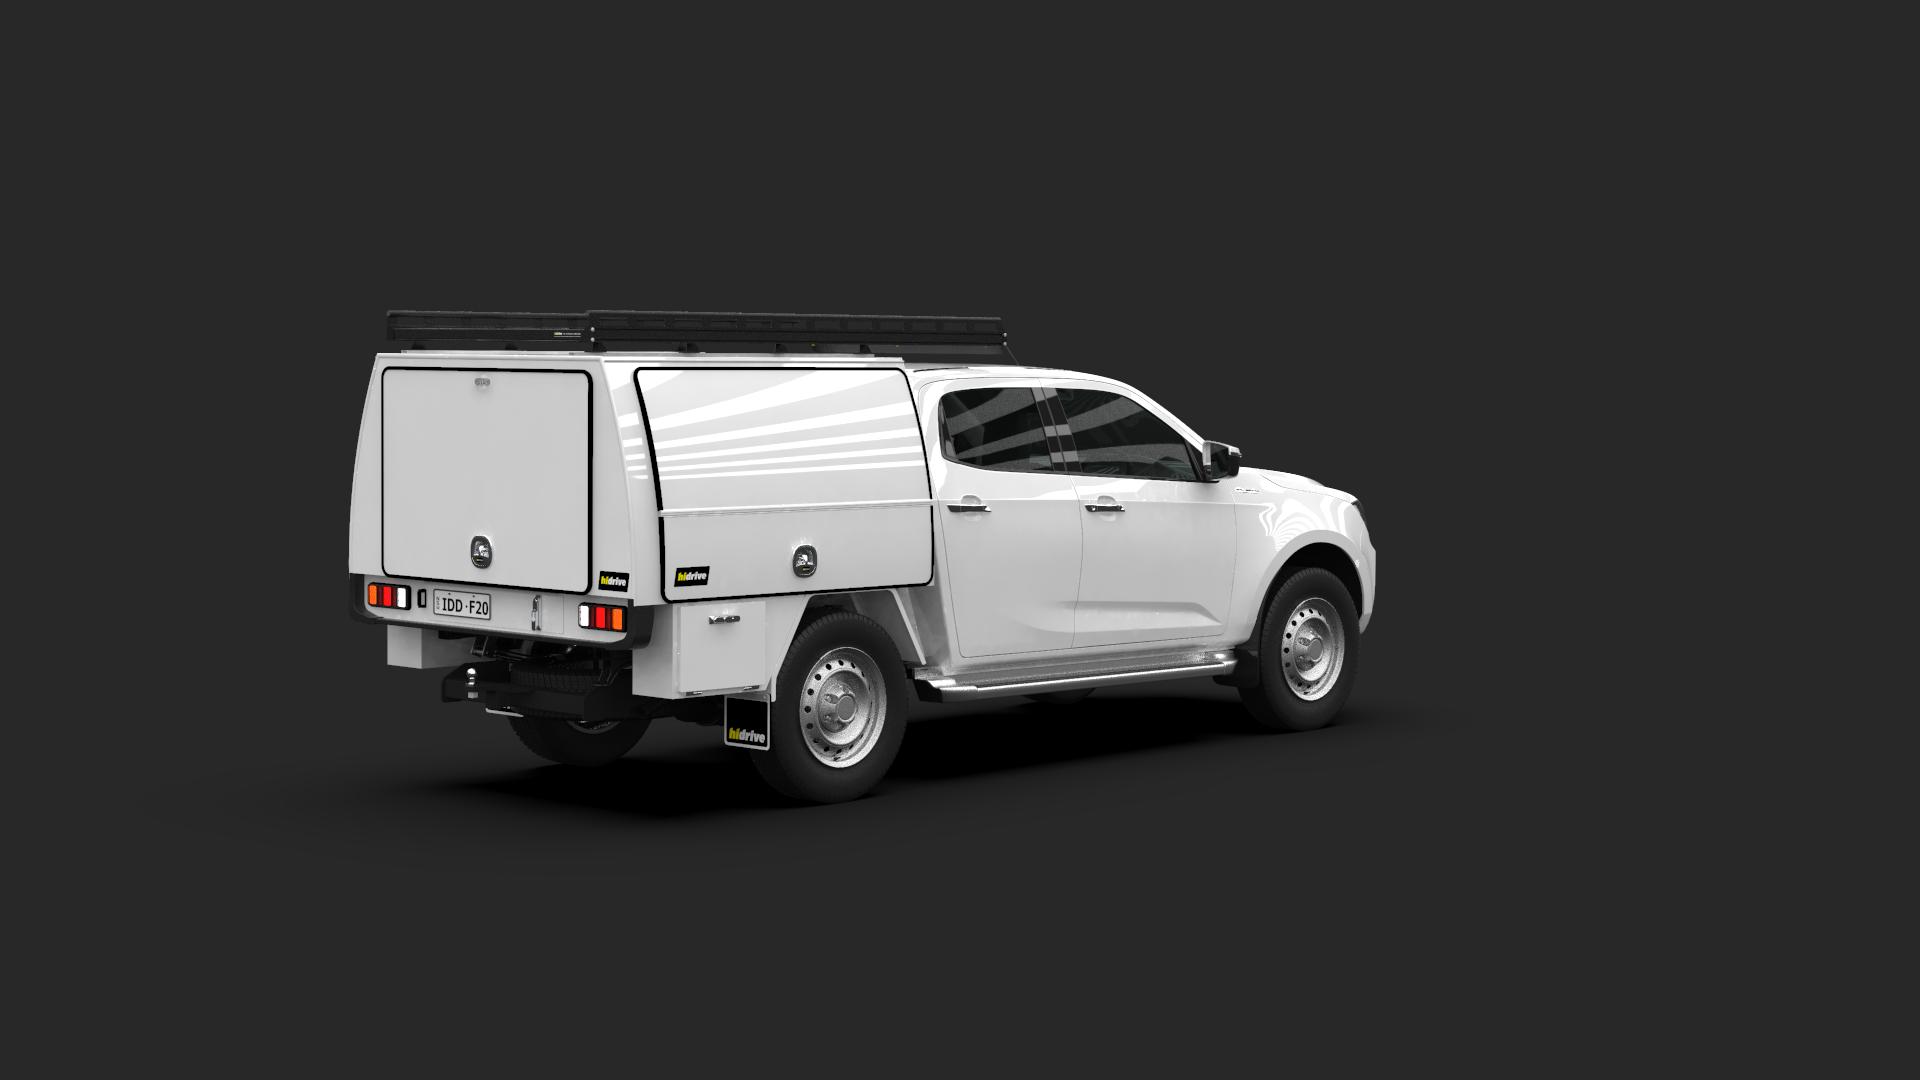 Isuzu D-Max Crew Cab Full Canopy